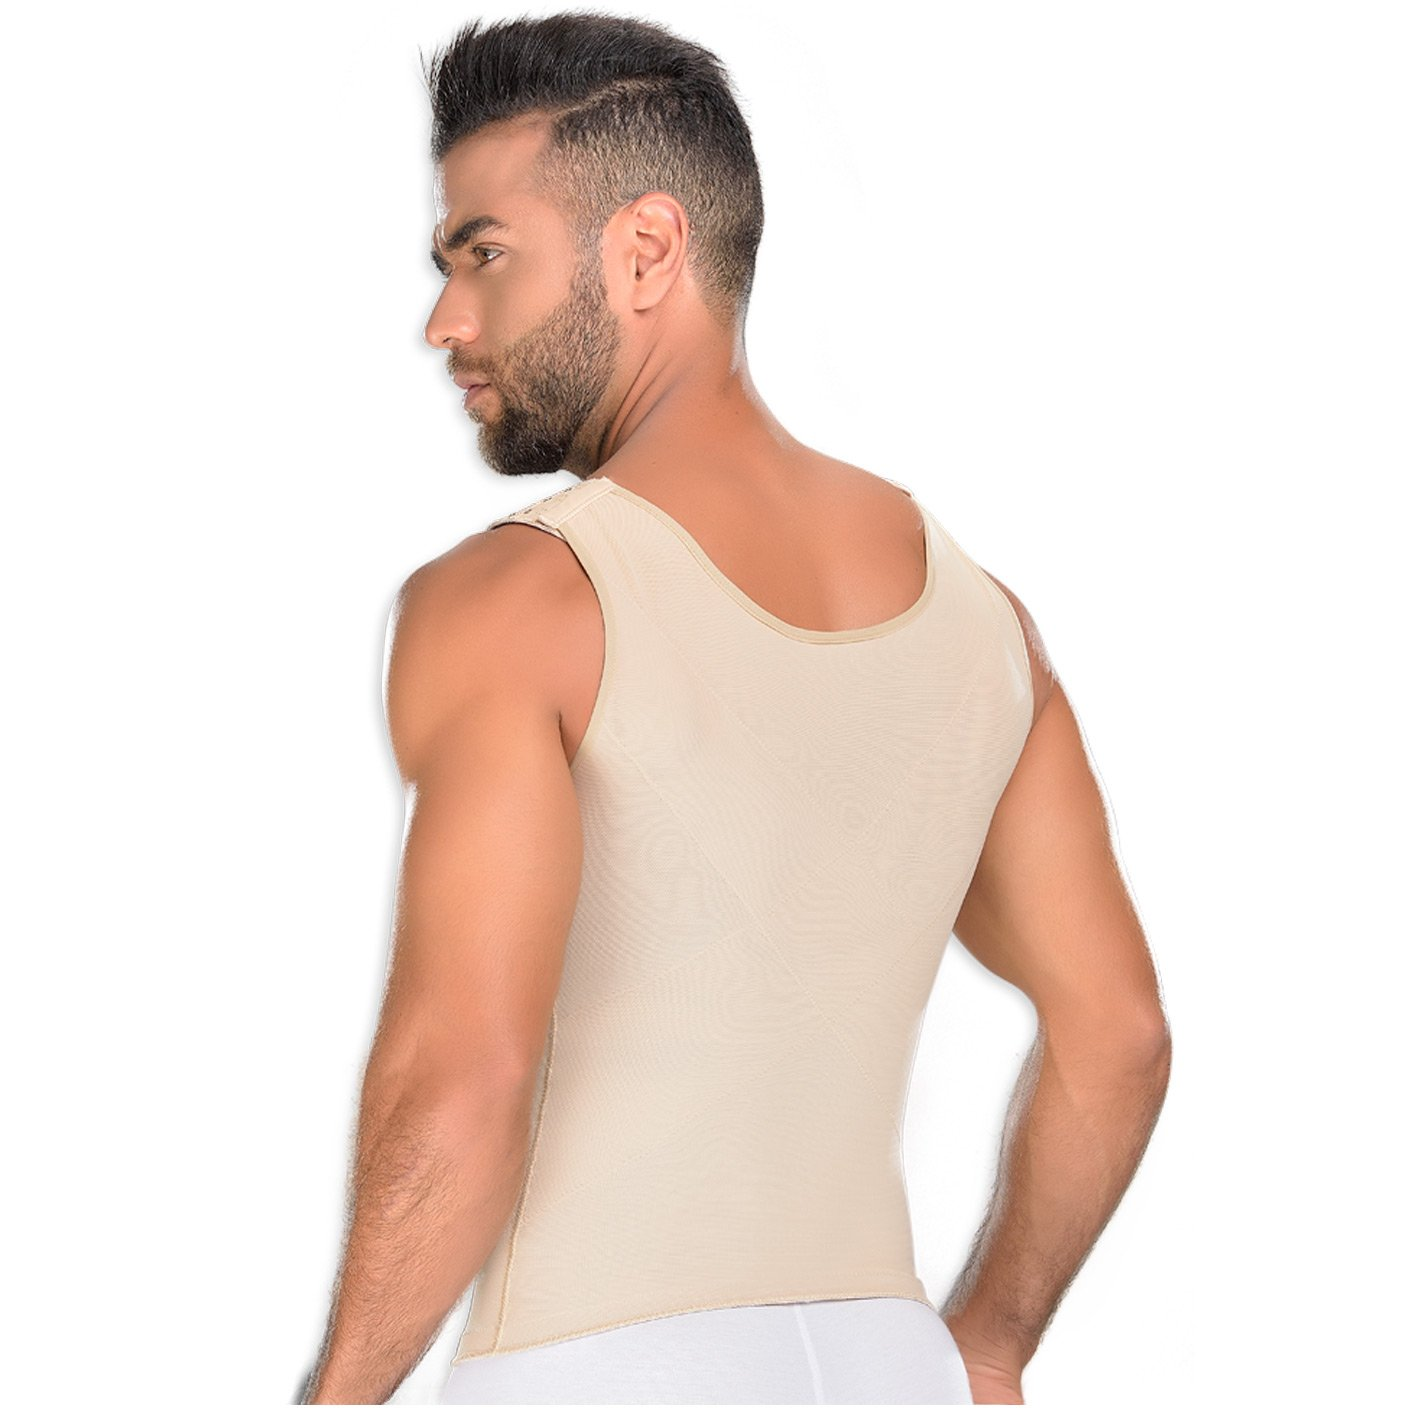 Faja Camisilla de Hombres Fajas MyD MYD 0060 Body Shaper Compression Shirt for Men